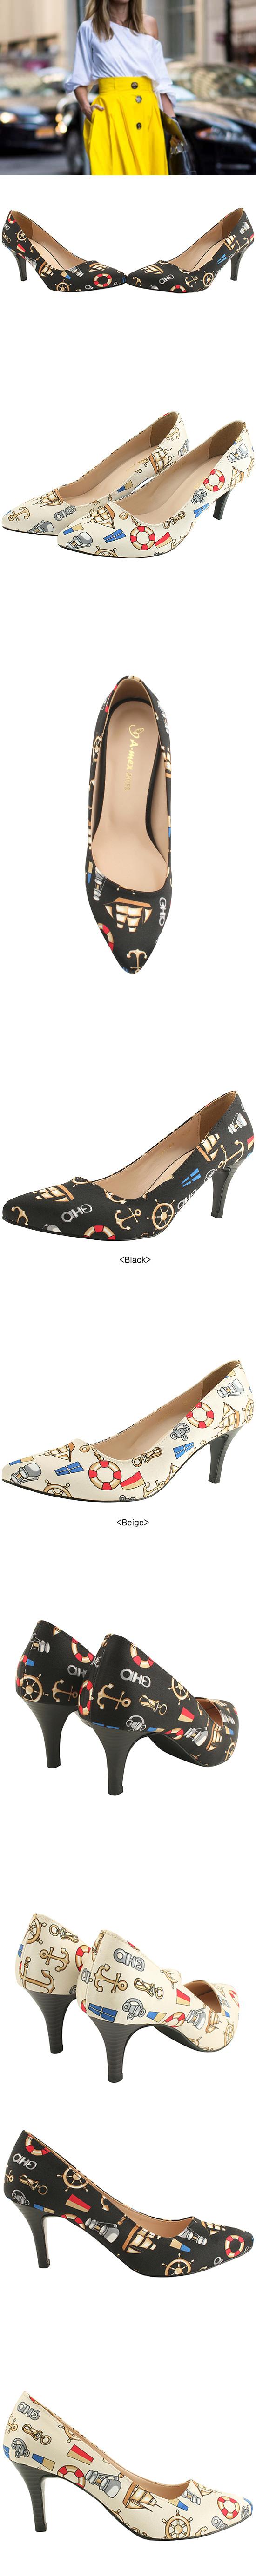 Satin stiletto high heels 7cm beige